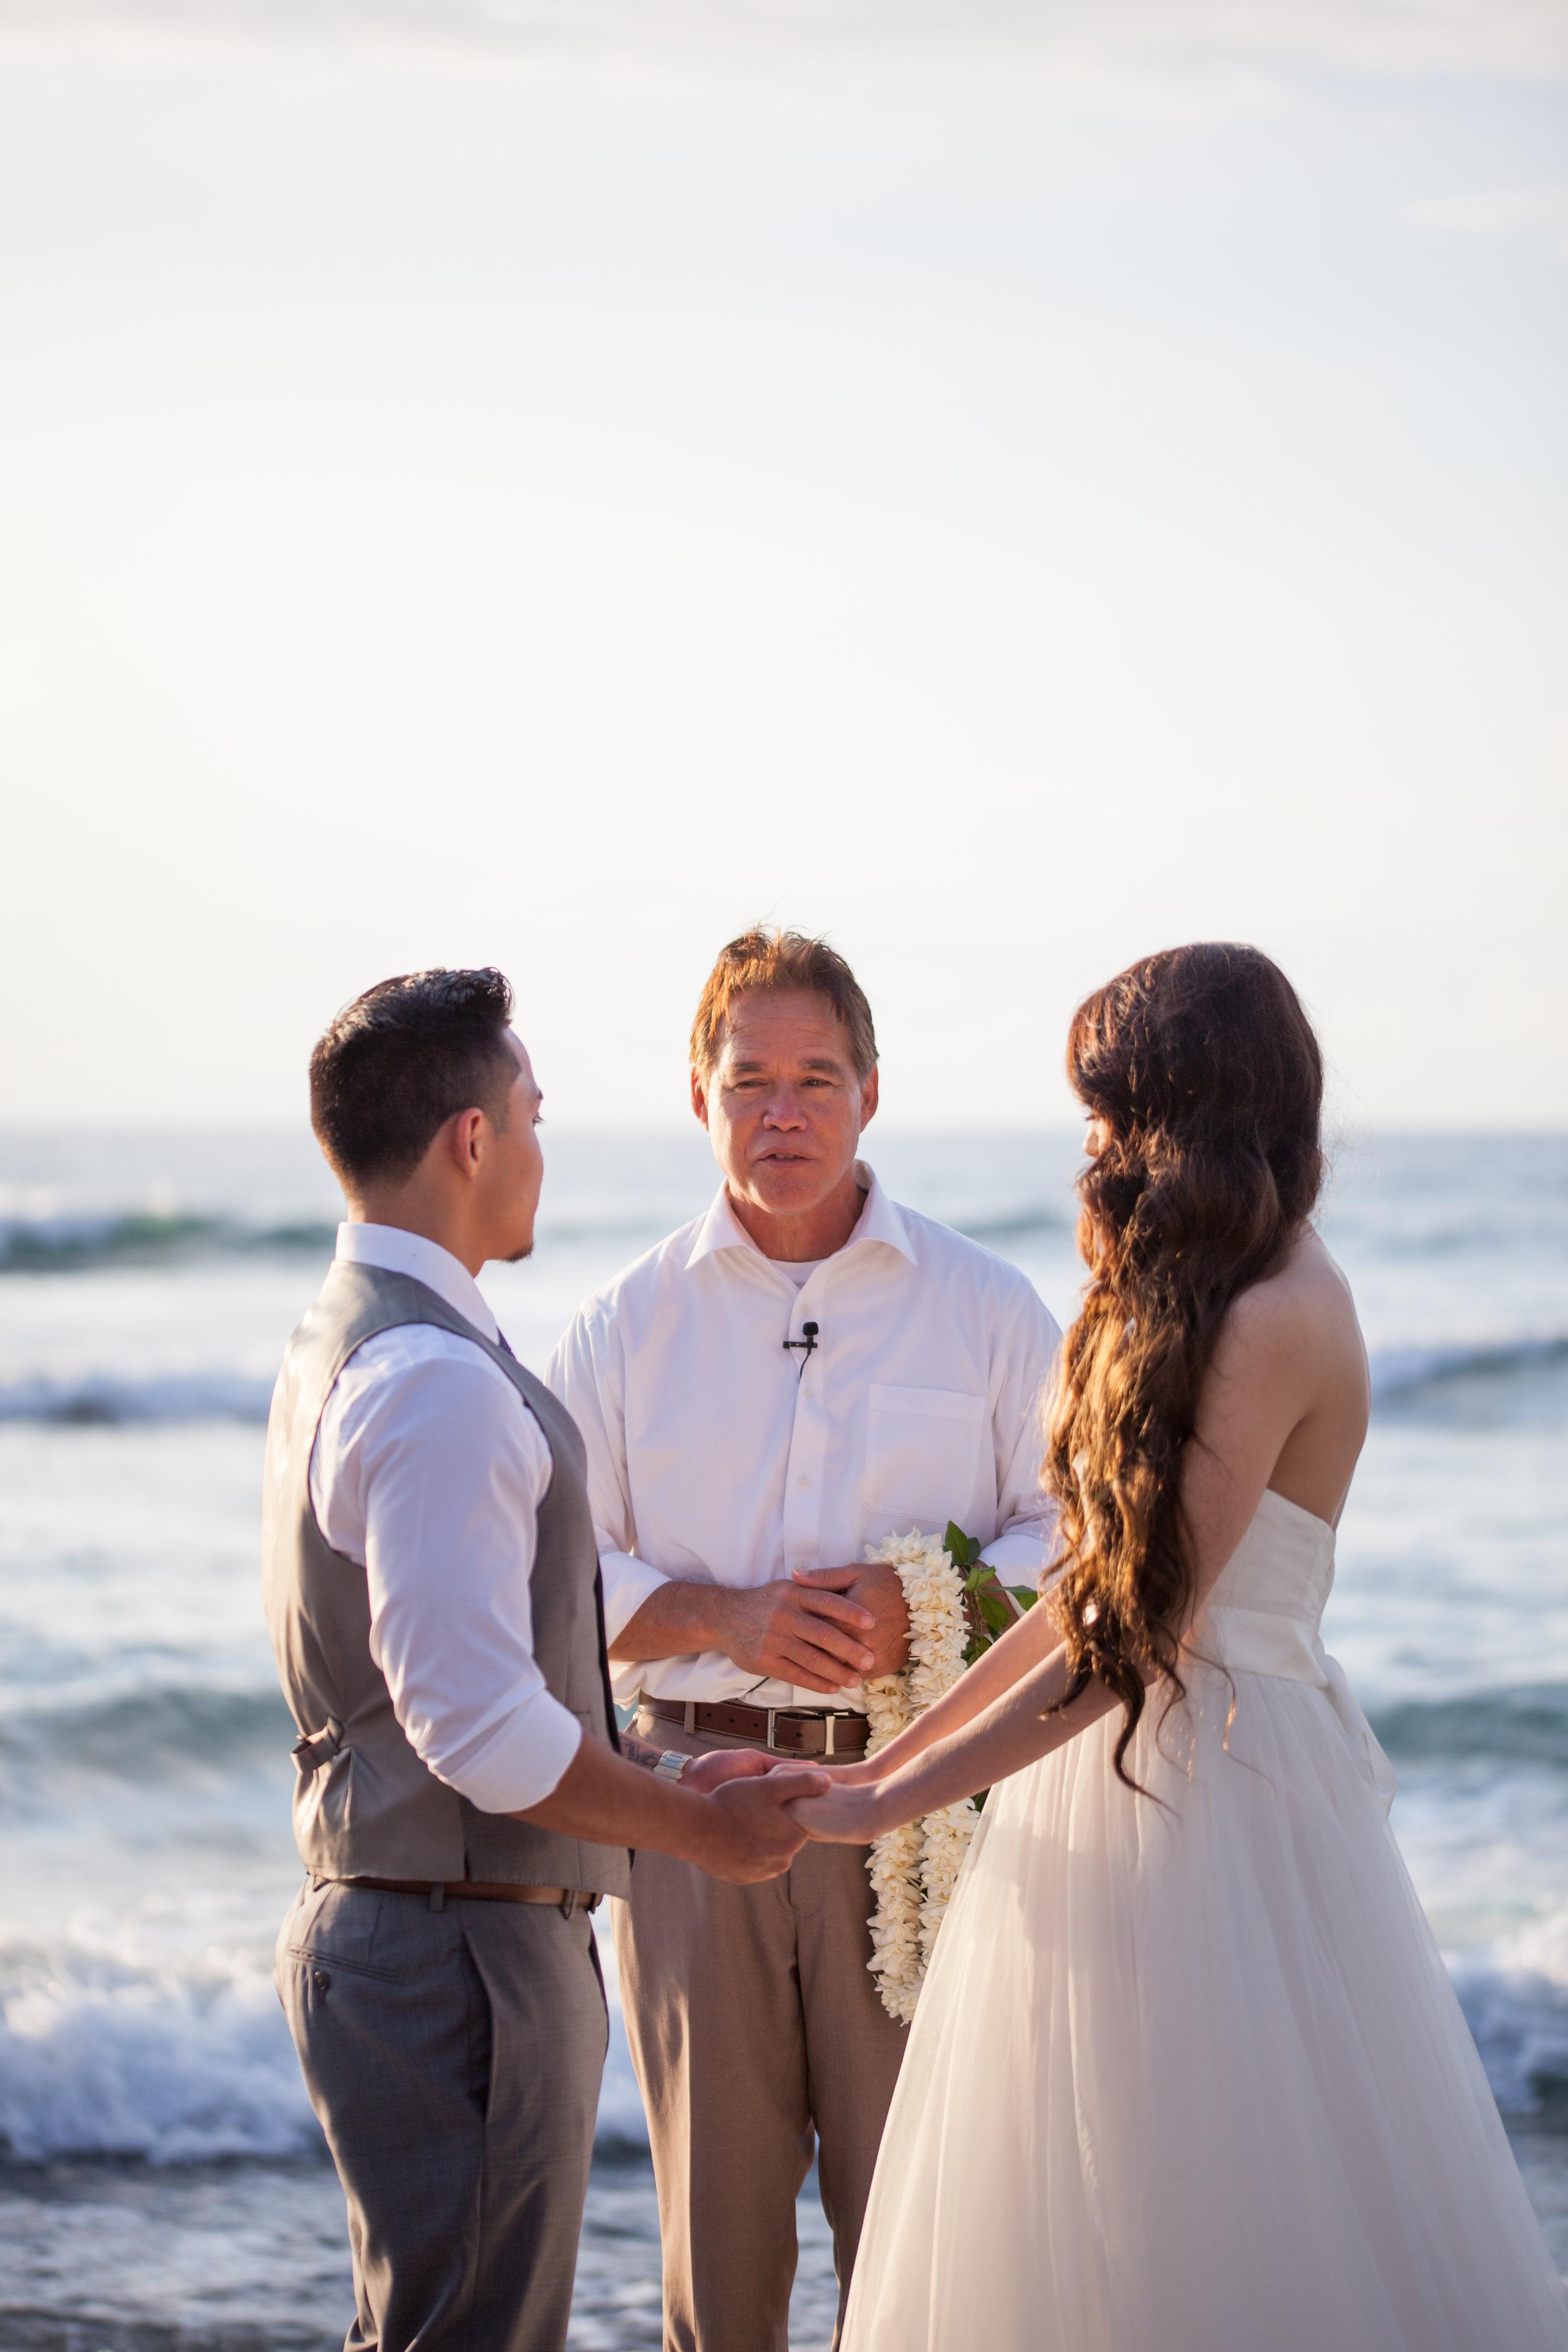 big island hawaii mauna lani resort wedding © kelilina photography 20160523181941-1.jpg